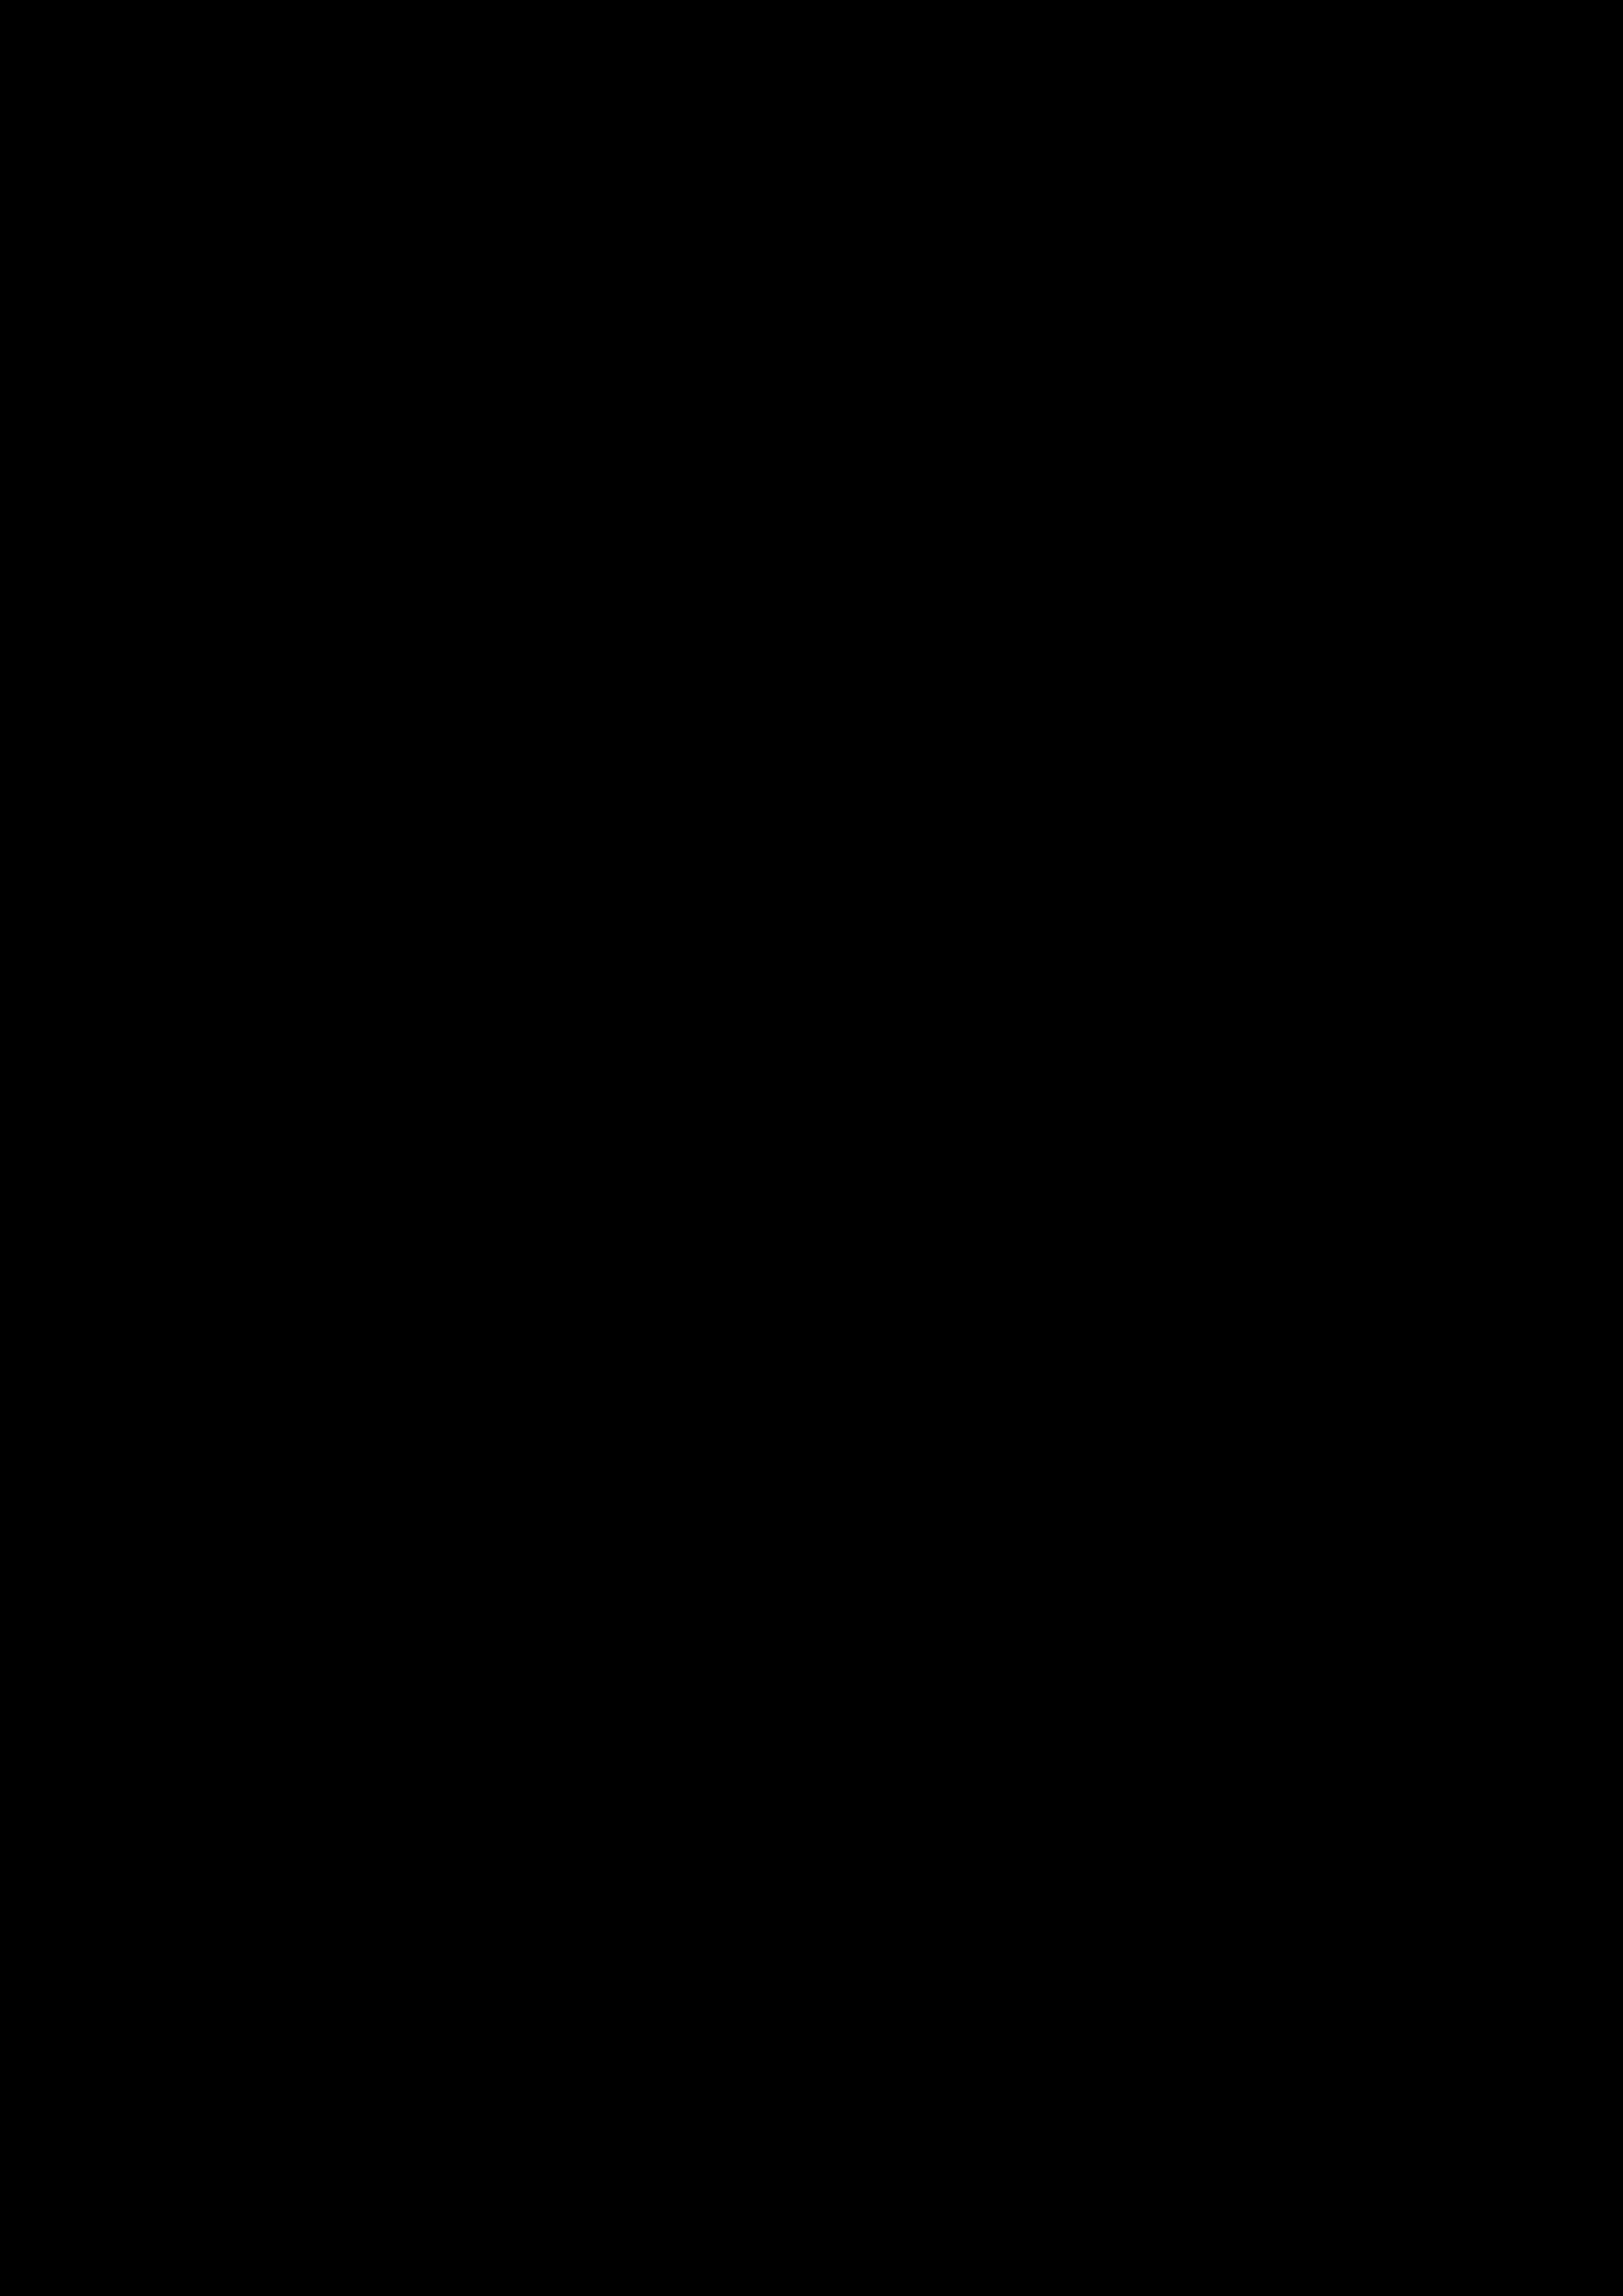 Rinnovo certificato TUV!